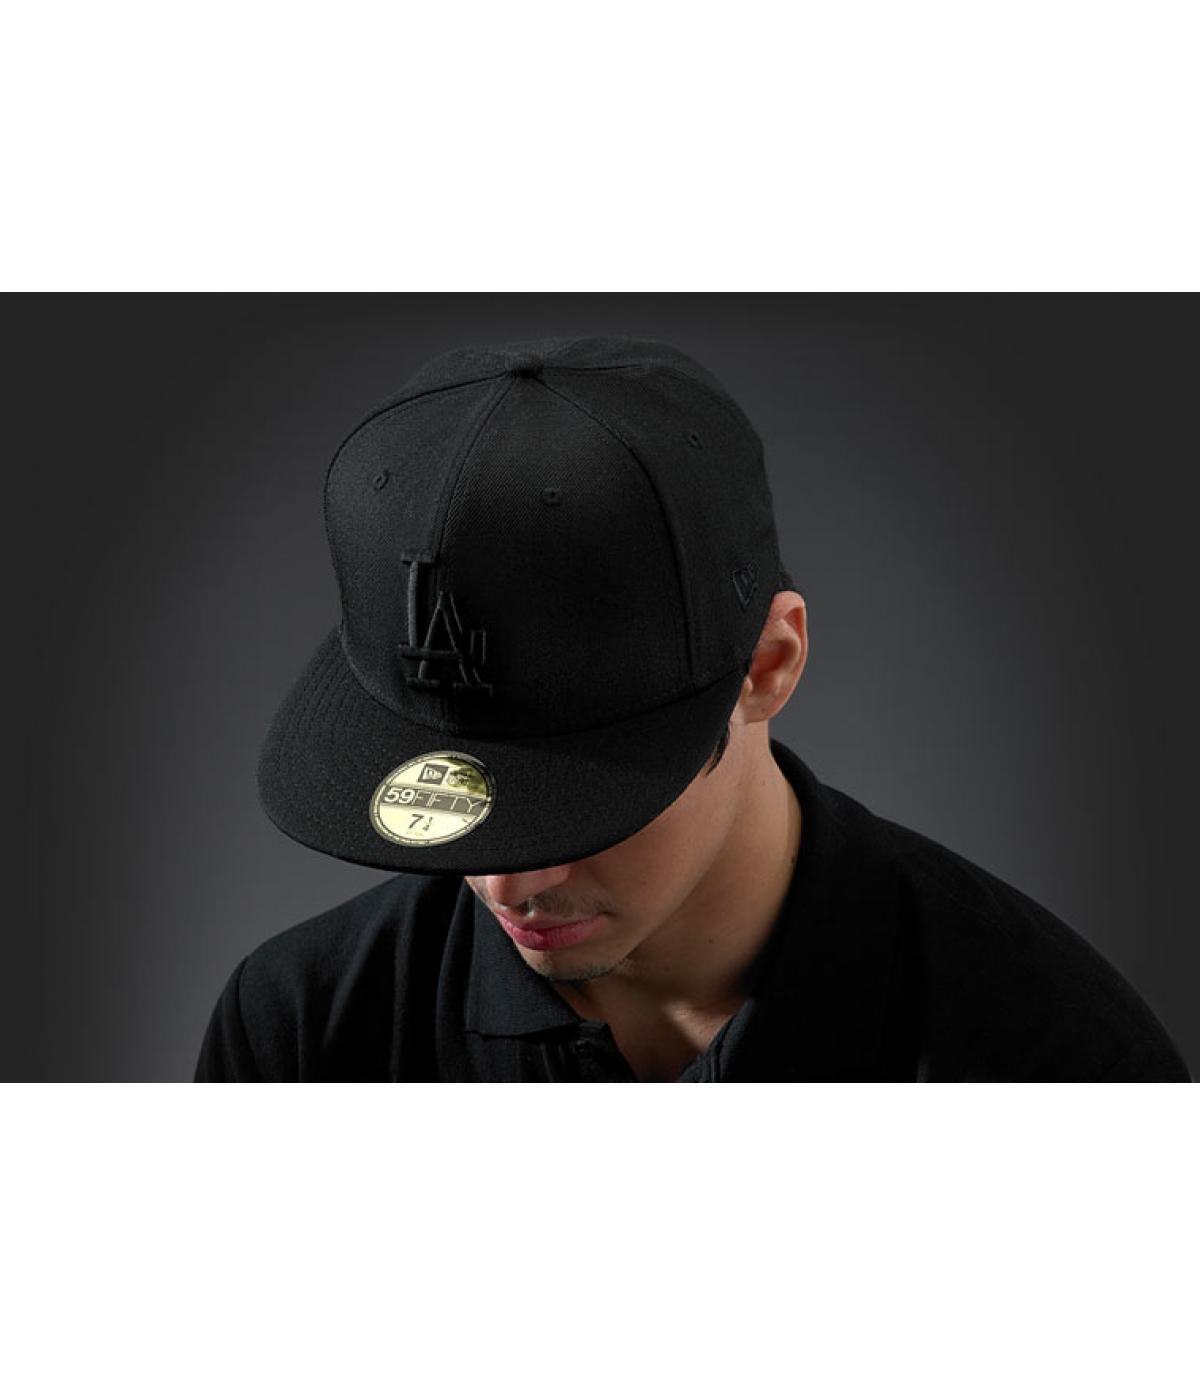 casquette la noire